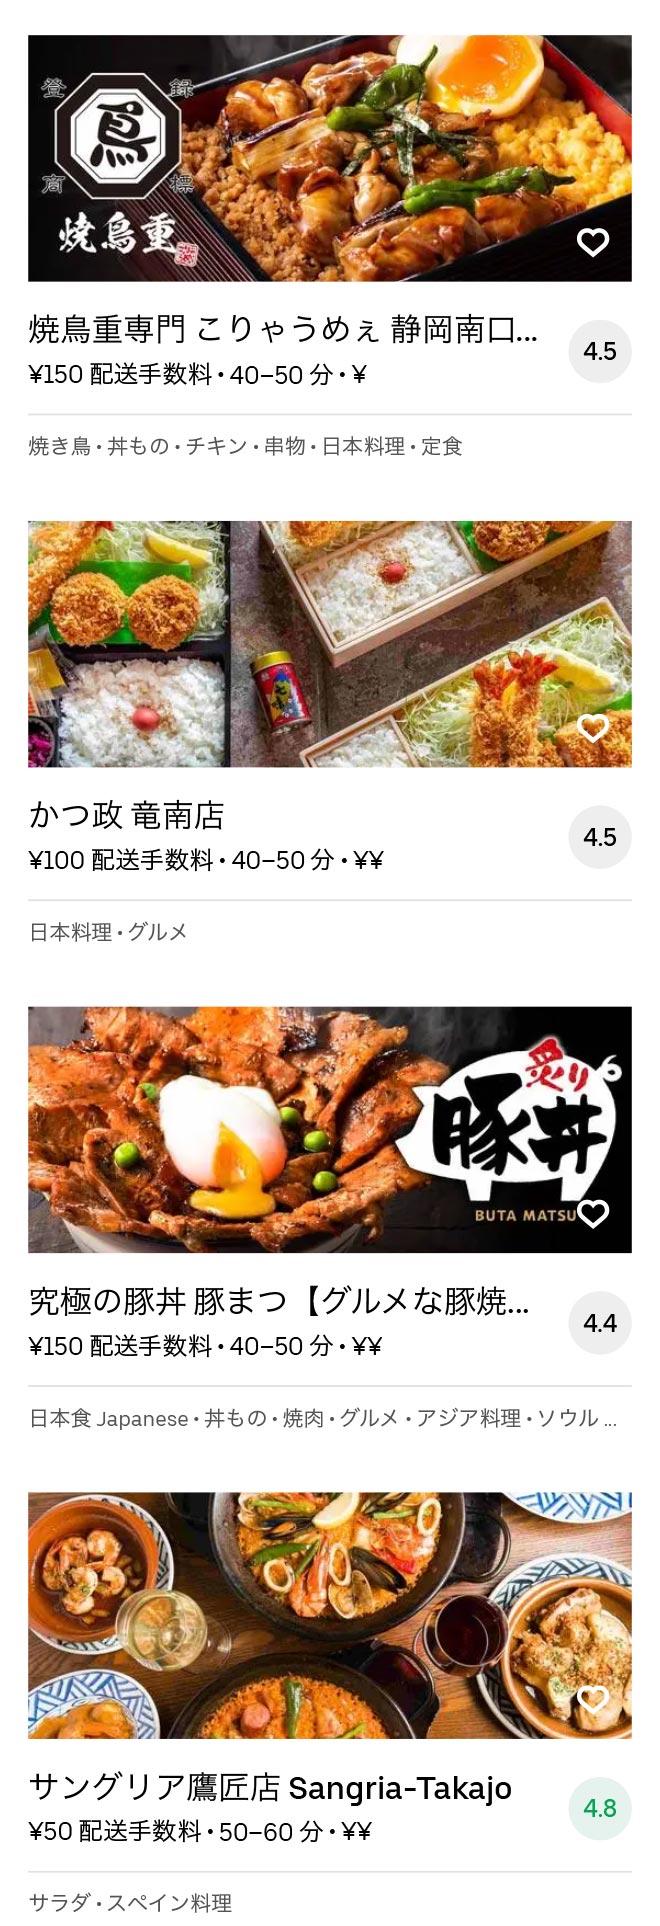 Higashi shizuoka menu 2010 12